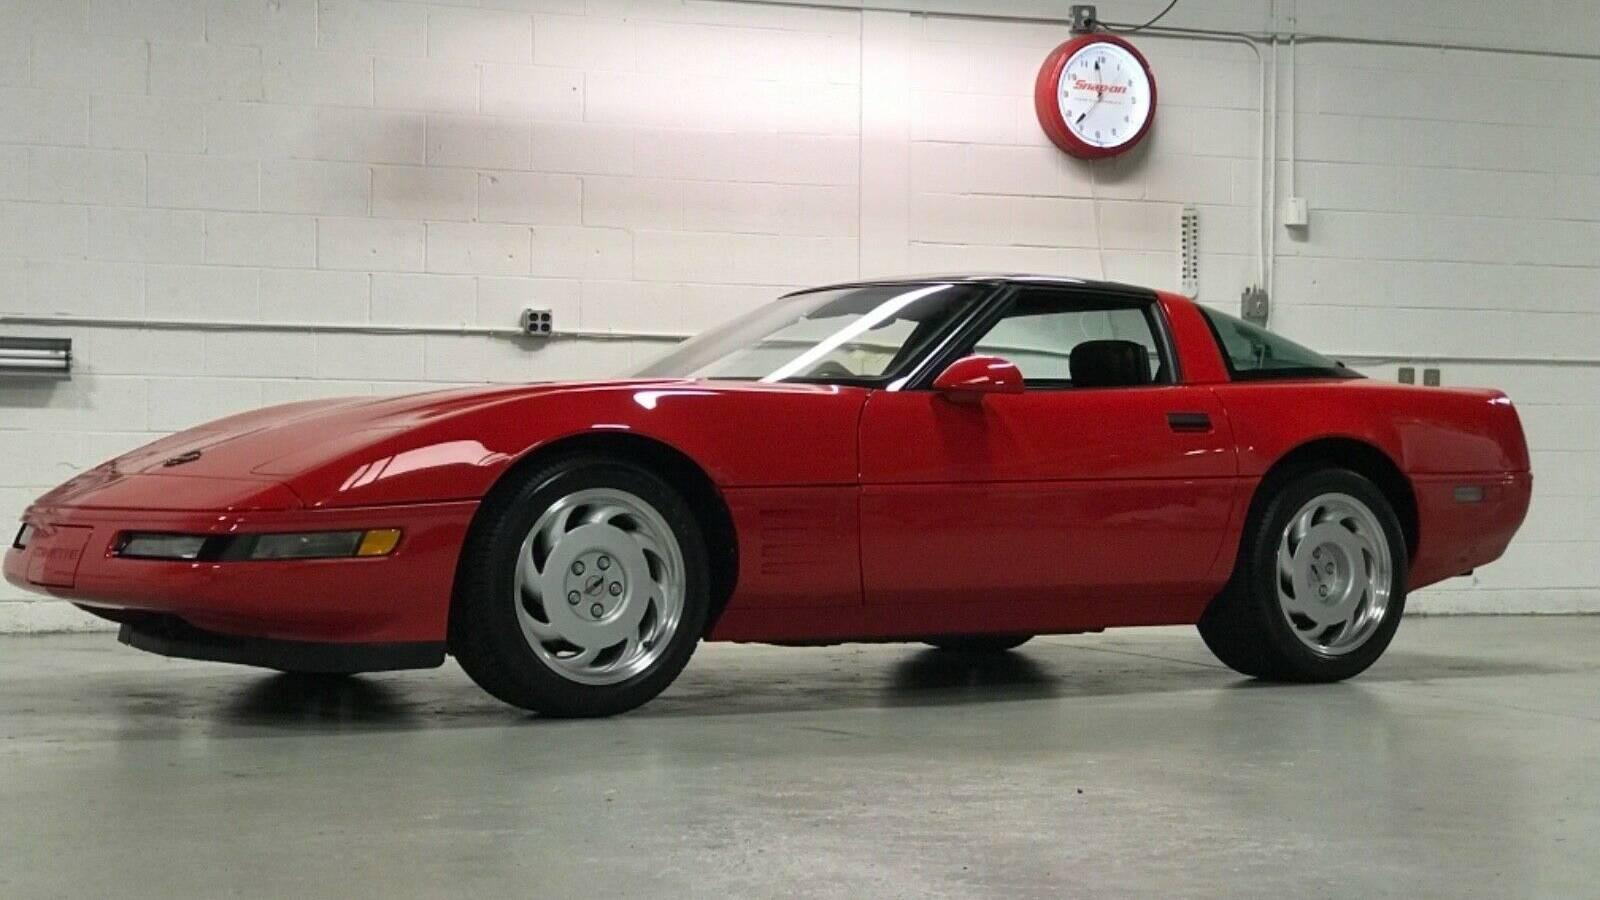 Chevrolet Corvette ZR1 din 1991 - Chevrolet Corvette ZR1 din 1991